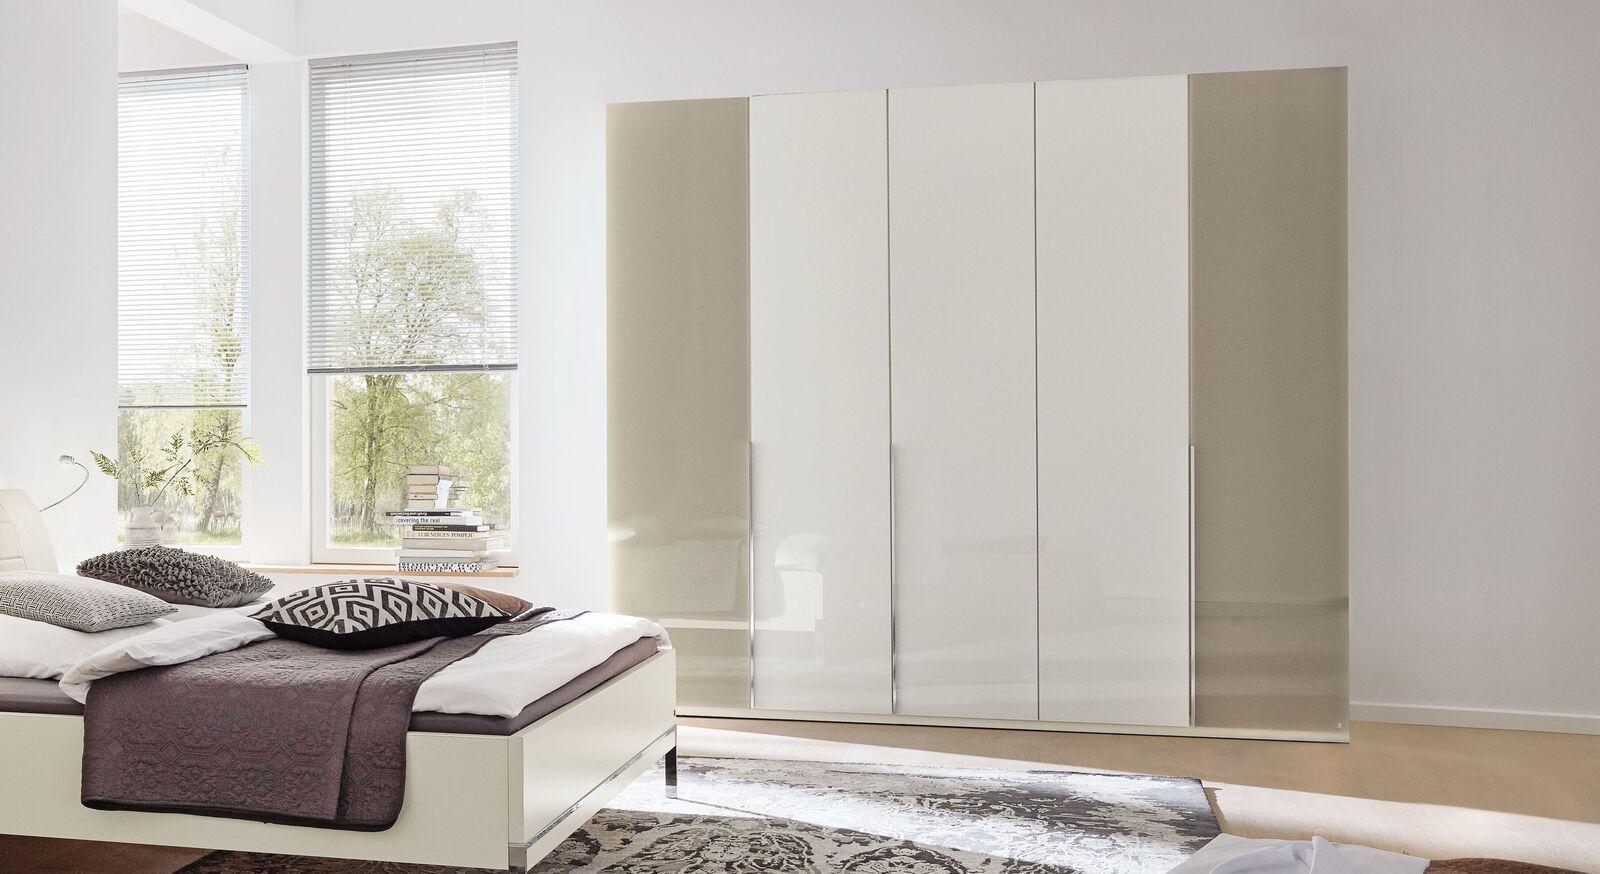 MUSTERRING Drehtüren-Kleiderschrank San Diego Weiß mit Glasfront